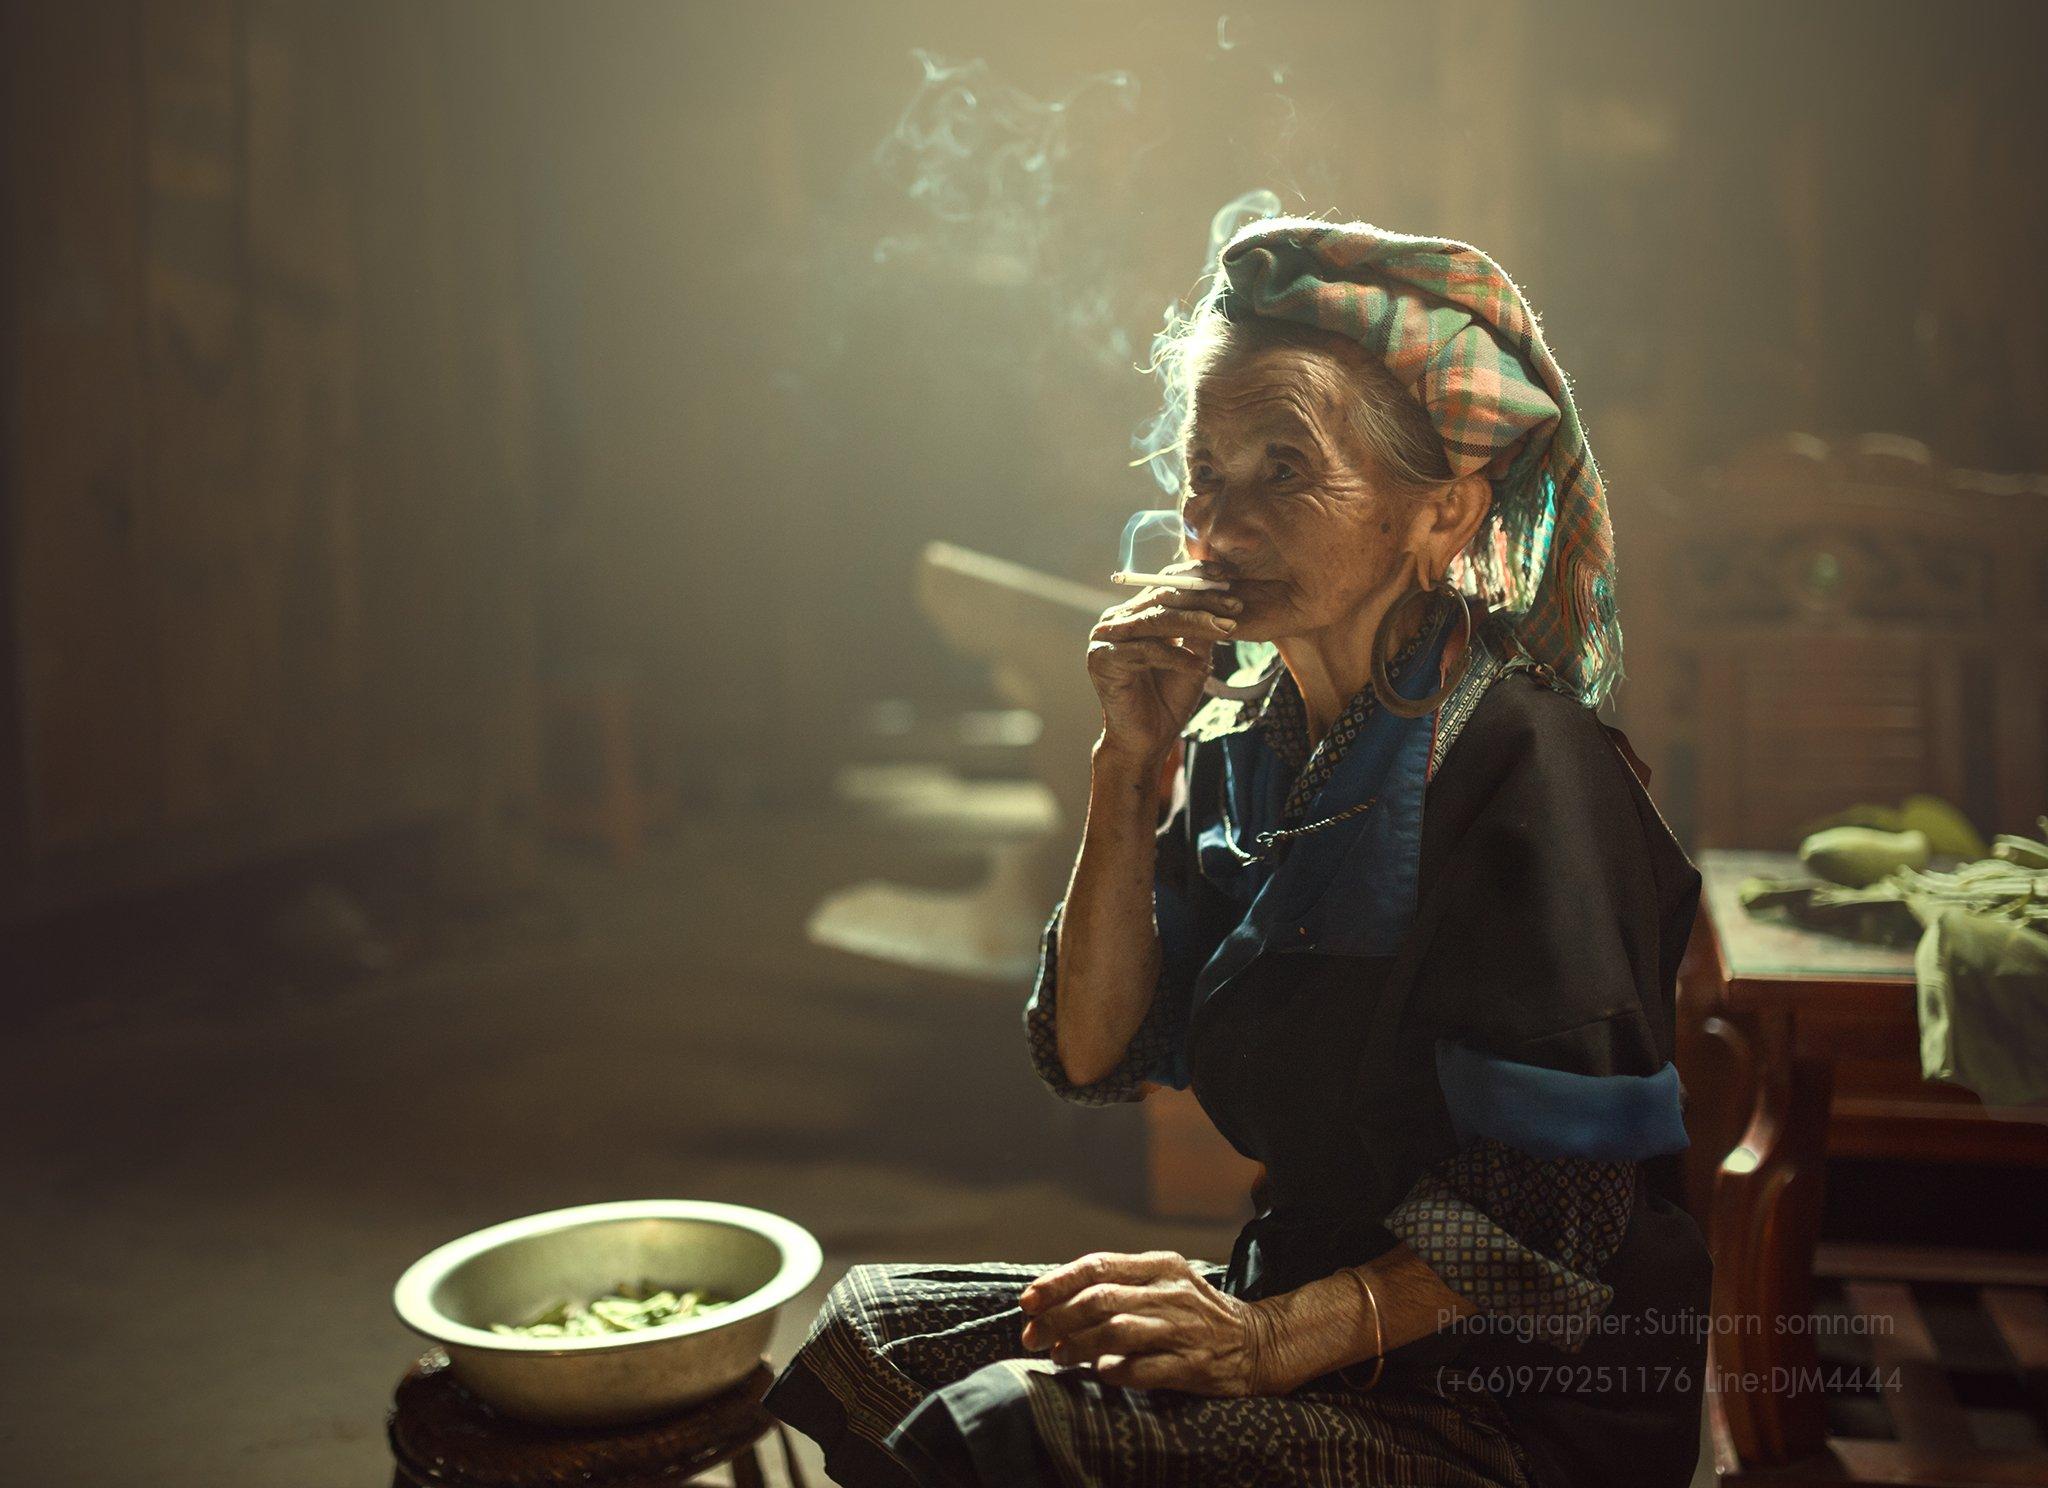 women,vietnam,smoking,relax,, SUTIPORN SOMNAM